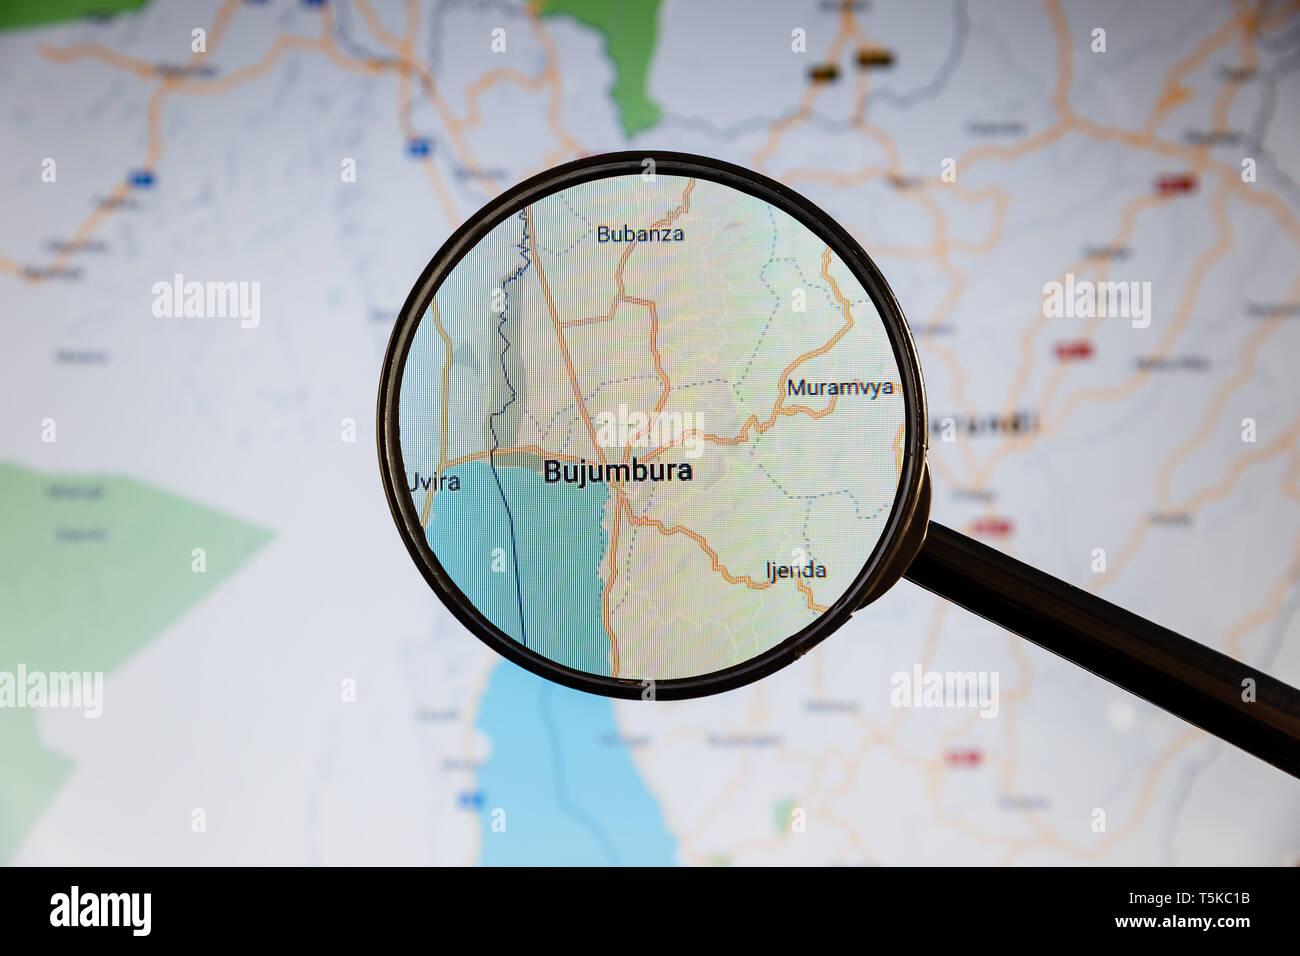 Buzhumbura, Burundi. Mapa político. Ciudad concepto ilustrativa de visualización en la pantalla a través de una lupa. Foto de stock